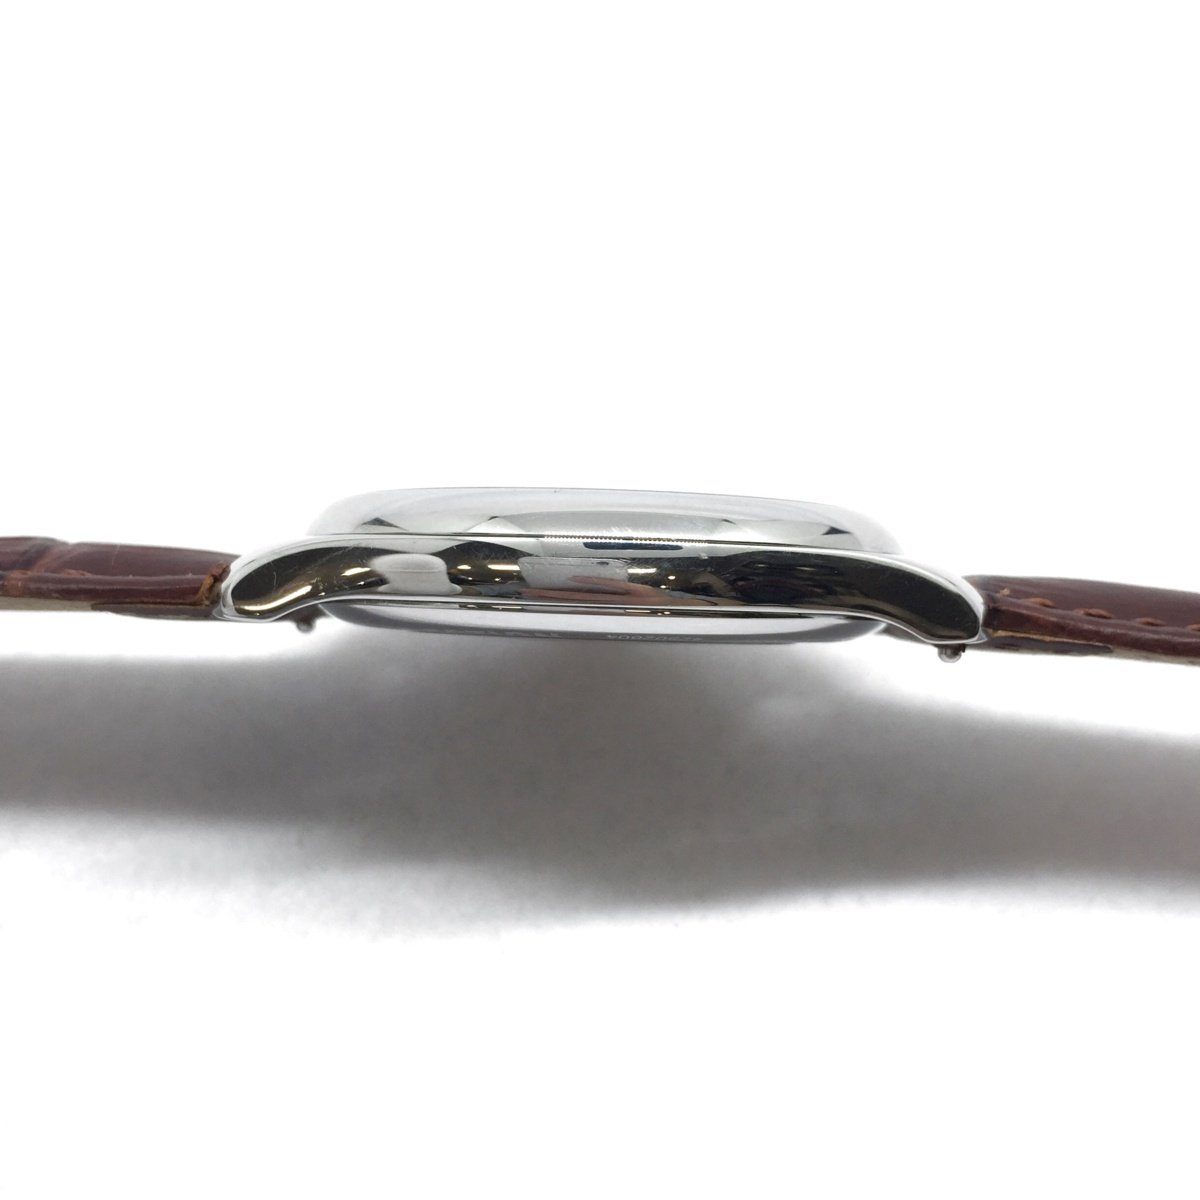 9-3525 【美品・新品社外ベルト】 ロンジン 腕時計 マスターコレクション L2.793.4.78.3 自動巻き デイト メンズ 純正革ベルト付属_画像5